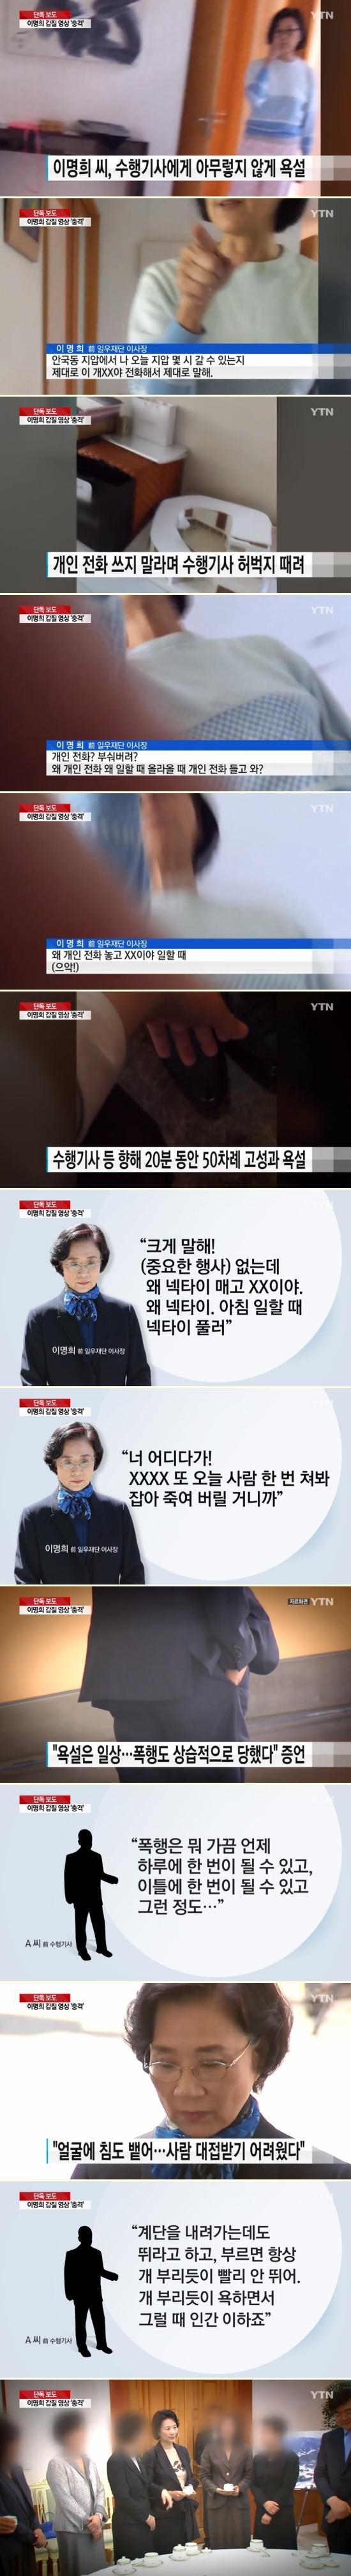 한진그룹 조양호 아내 이명희 욕설 수준.jpg